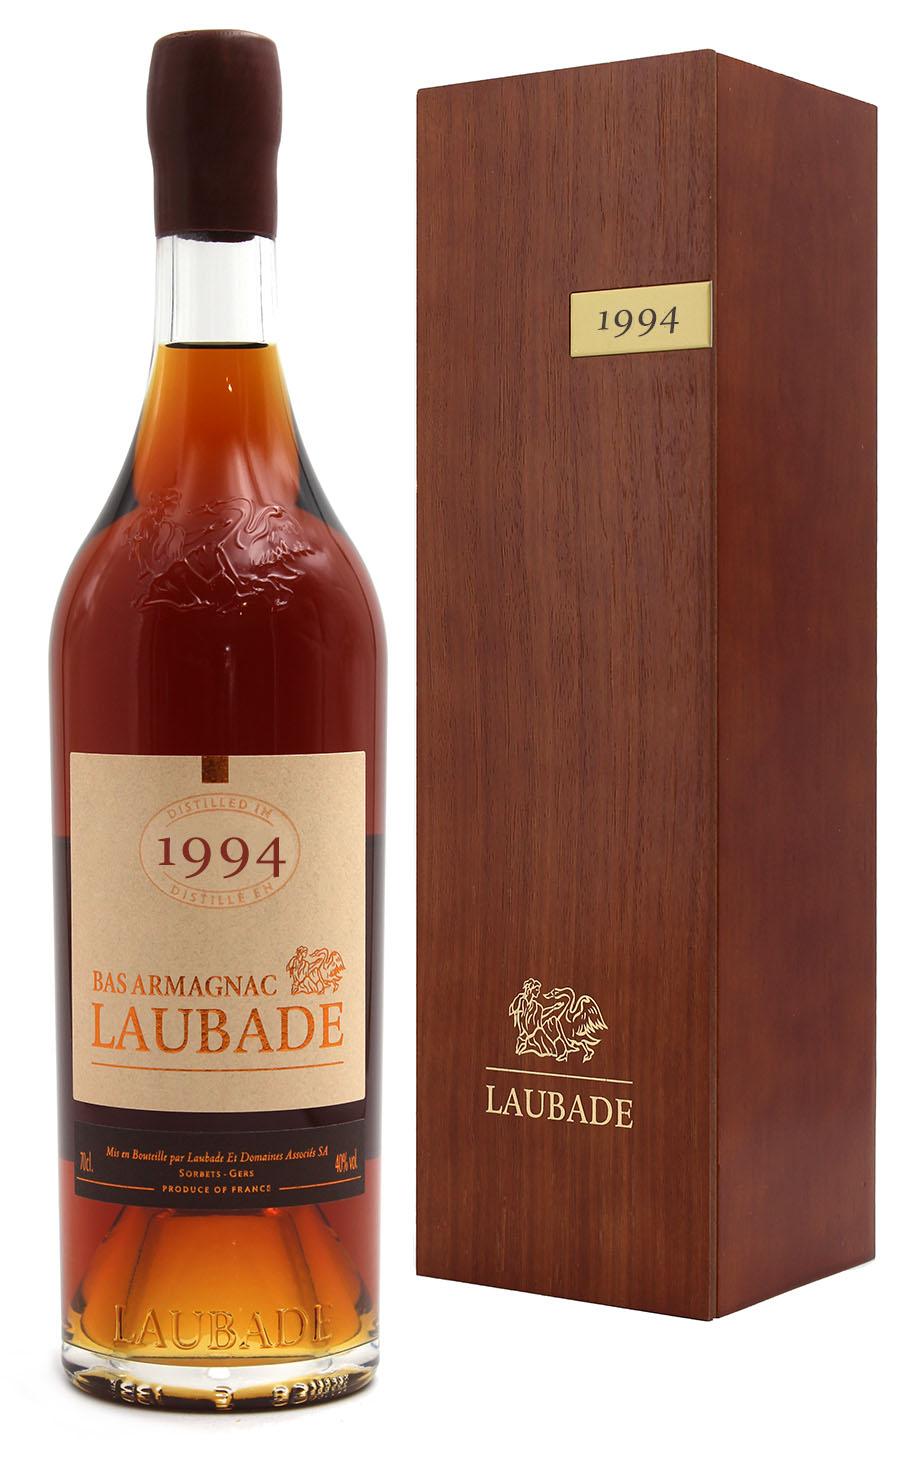 Bas Armagnac Laubade 1994  - 70cl